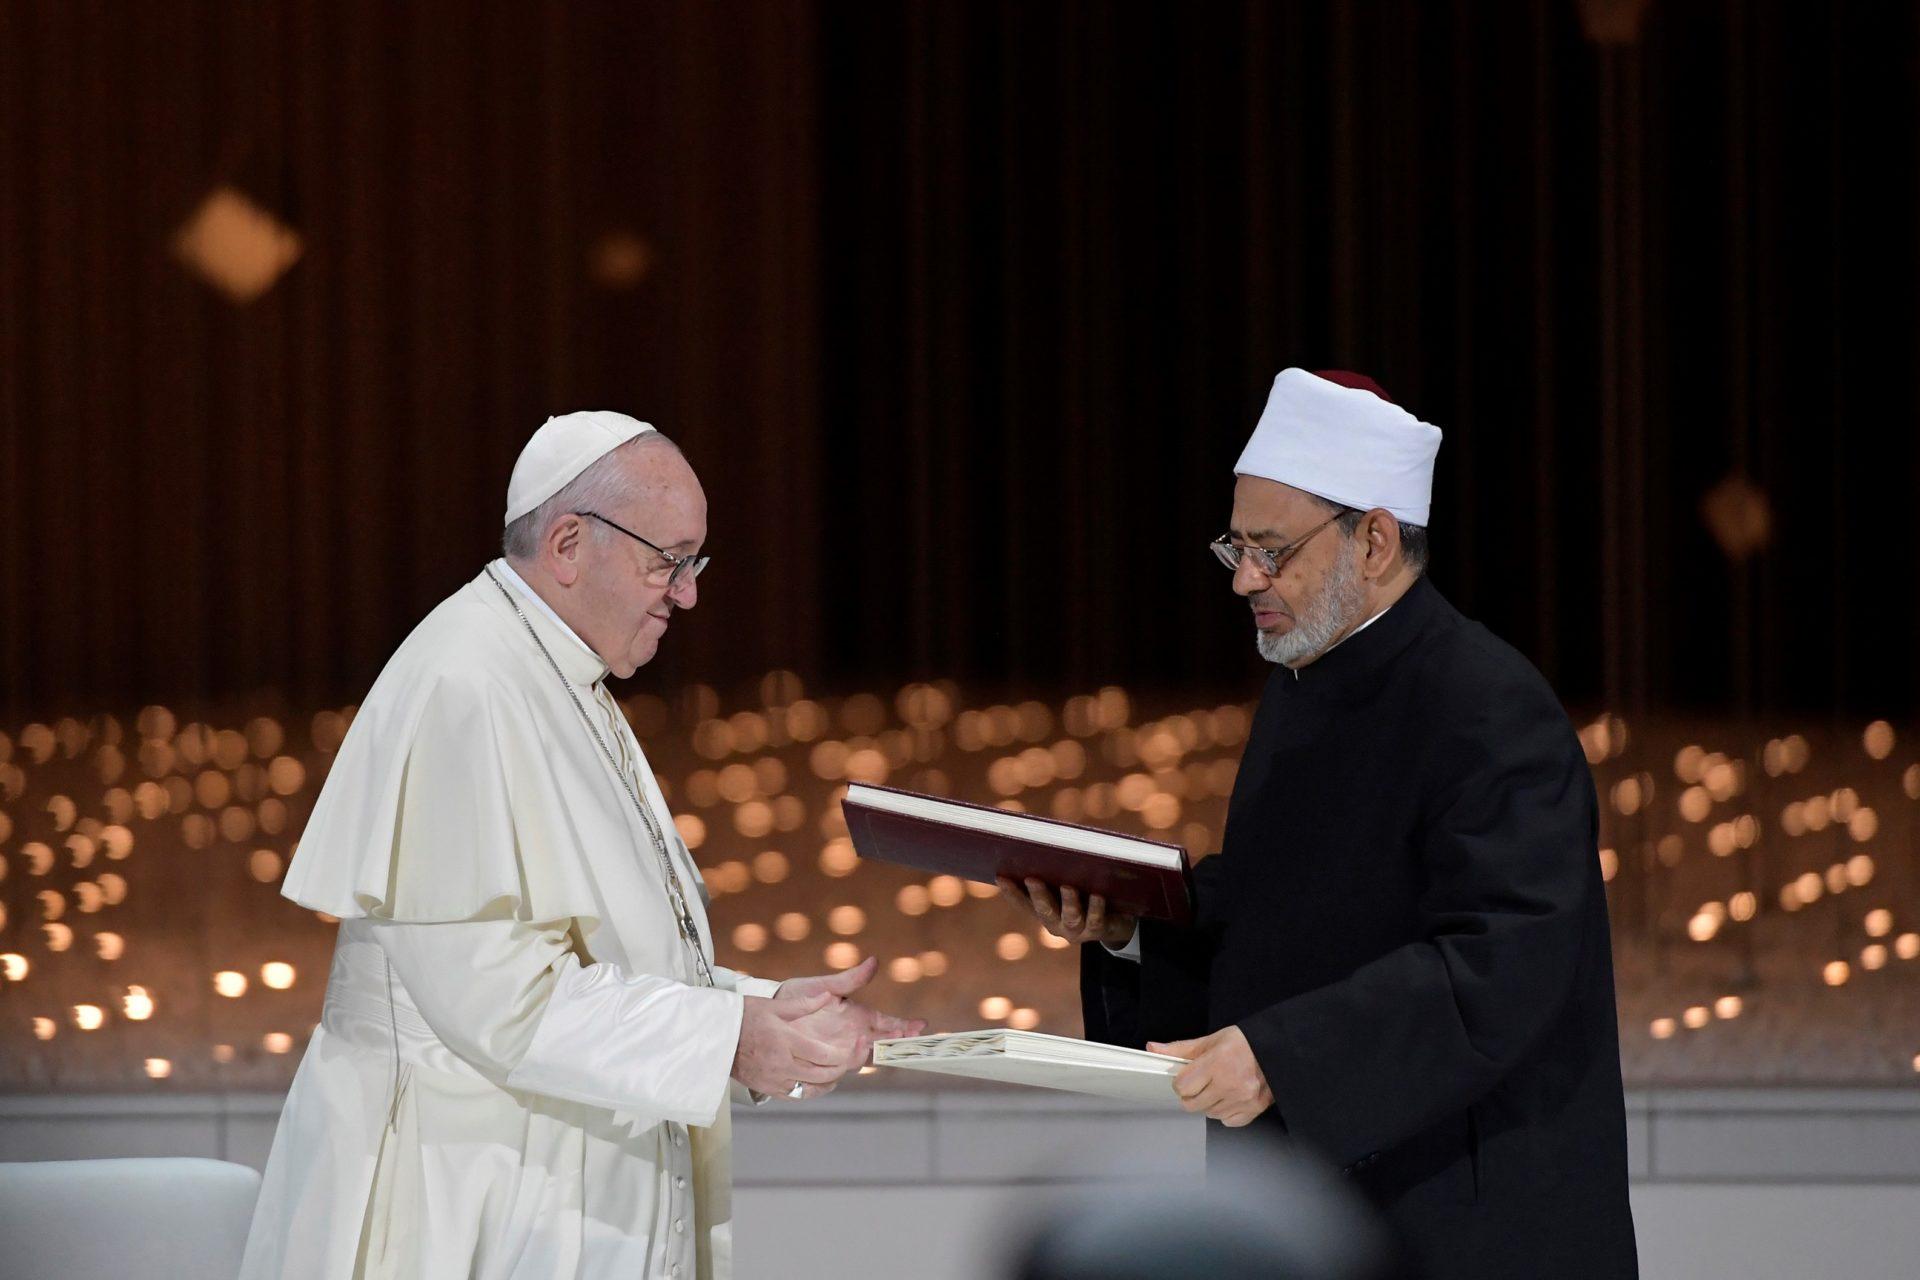 Viagem Apostólica do Papa Francisco aos Emirados Árabes Unidos para participar na Reunião inter-religiosa no Memorial do Fundador, 4 de fevereiro 2019.